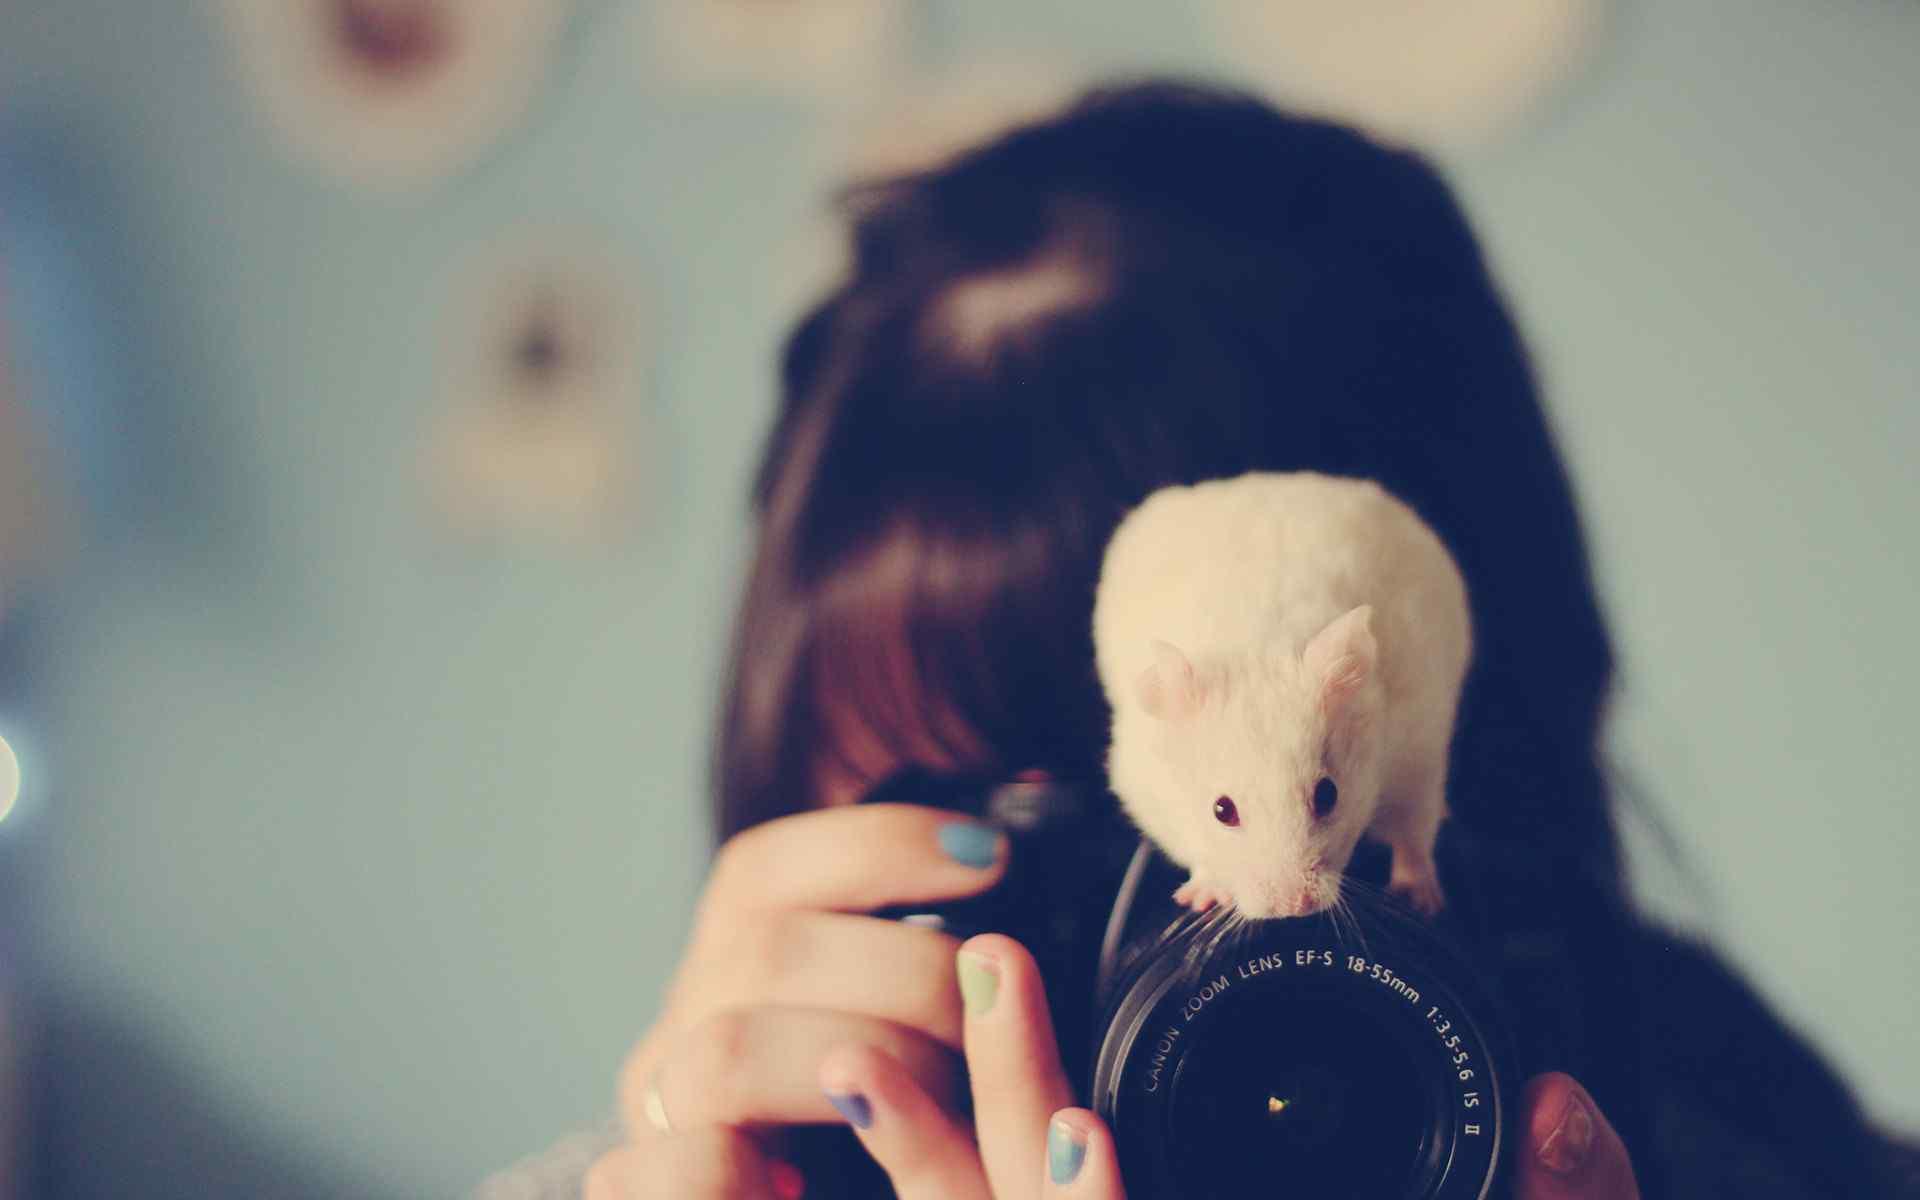 相机上的可爱小白鼠图片桌面壁纸